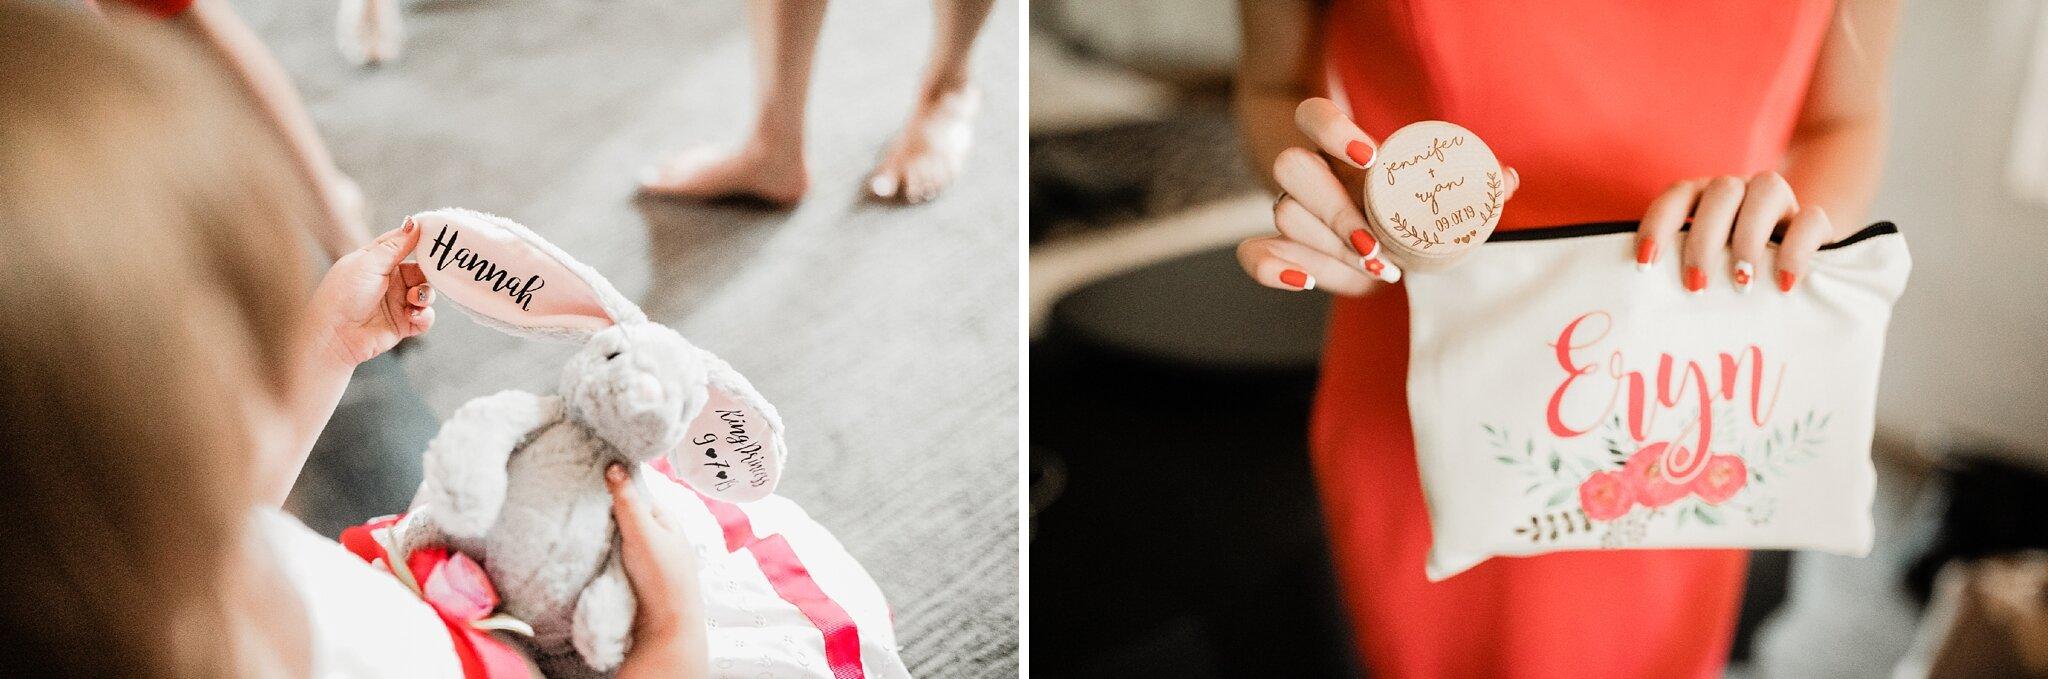 Alicia+lucia+photography+-+albuquerque+wedding+photographer+-+santa+fe+wedding+photography+-+new+mexico+wedding+photographer+-+new+mexico+wedding+-+bed+and+breakfast+wedding+-+sarabande+wedding+-+sarabande+bed+and+breakfast+wedding_0015.jpg